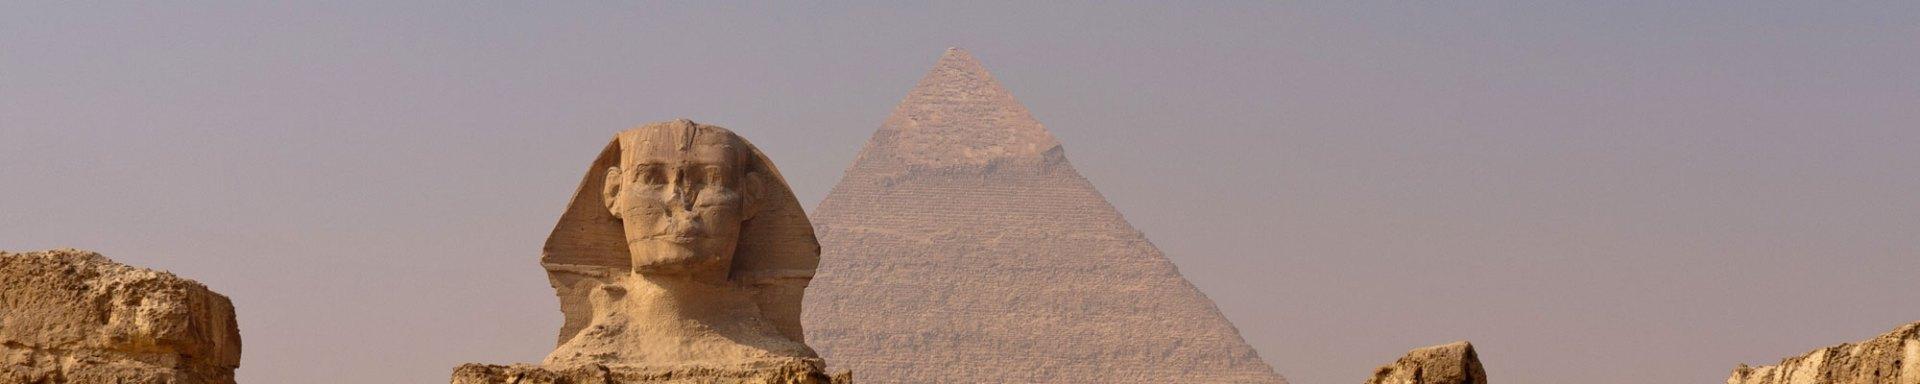 Guía turística con toda la información necesaria para visitar El Cairo